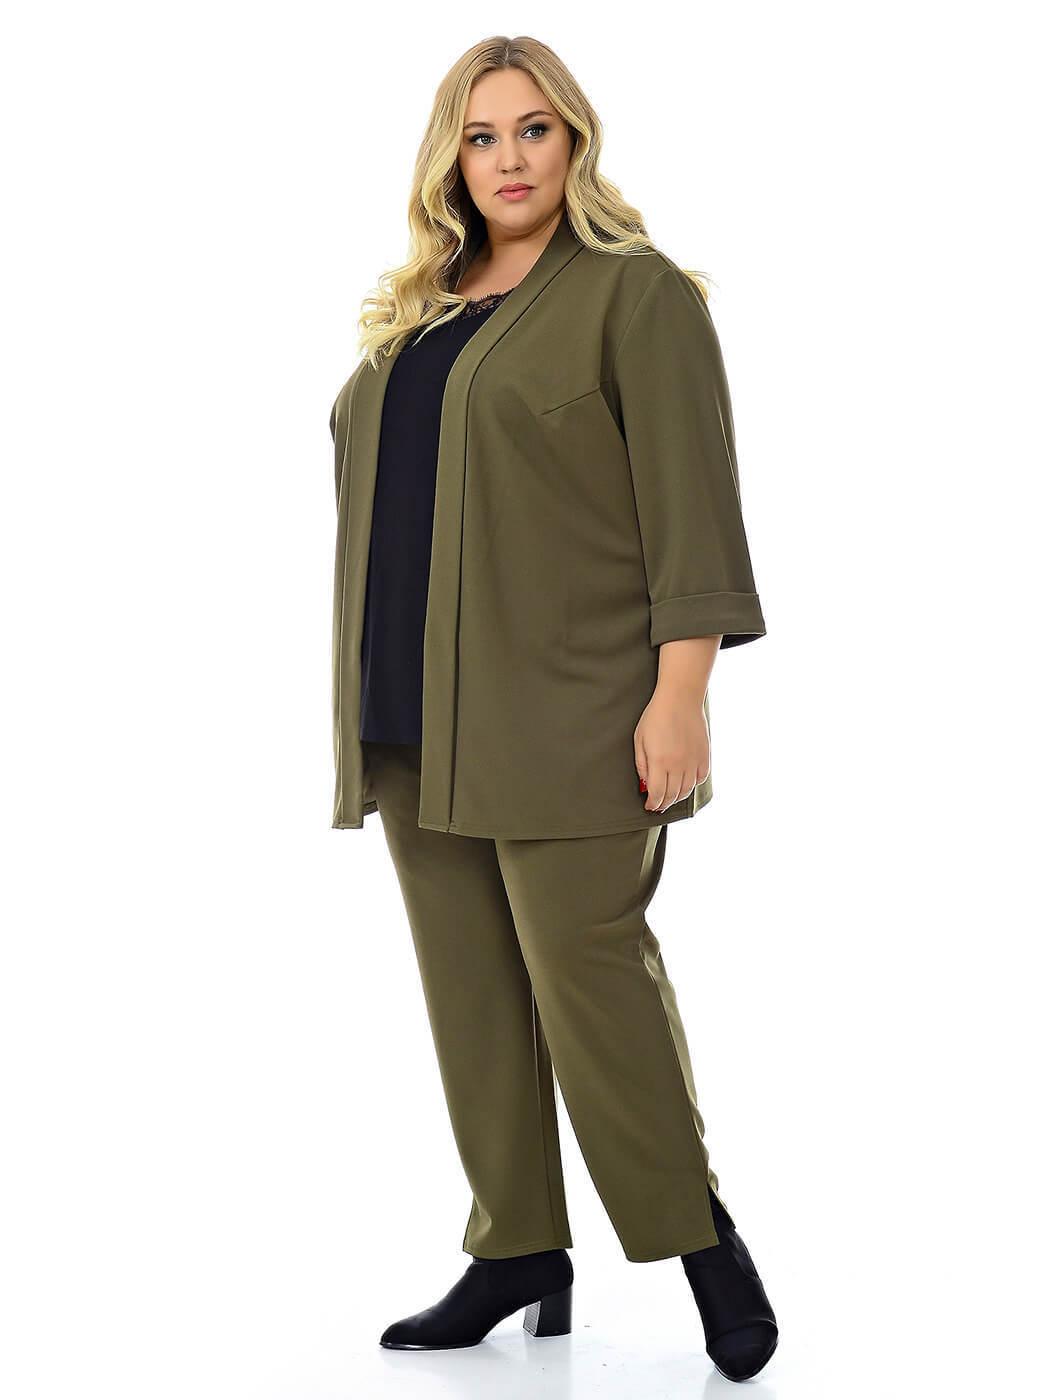 Женские брюки хаки 76 размера